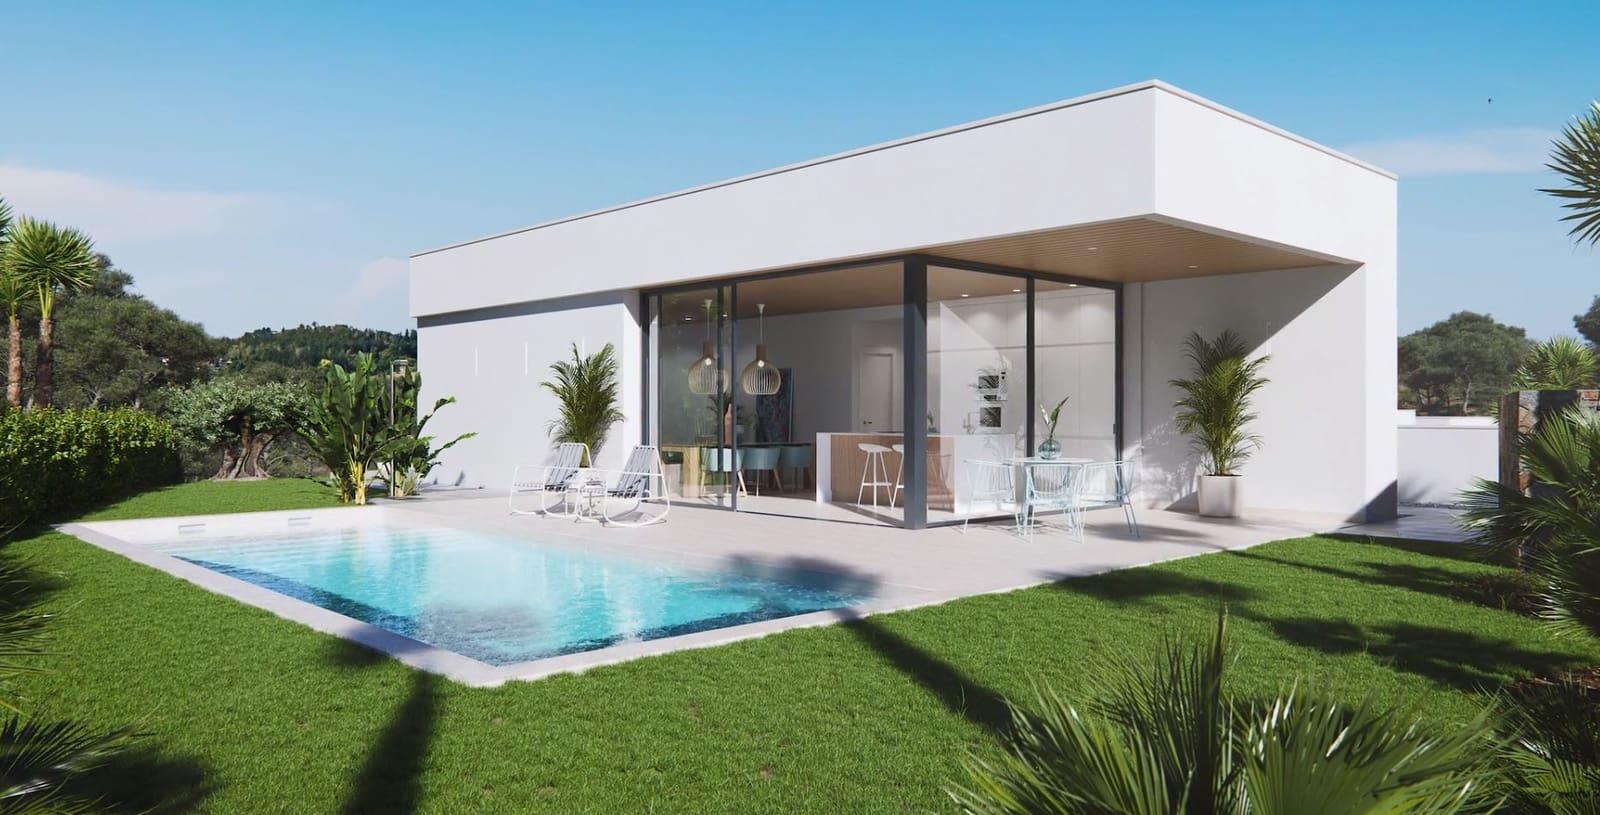 Chalet de 3 habitaciones en Las Colinas Golf en venta con piscina garaje - 640.000 € (Ref: 4760124)